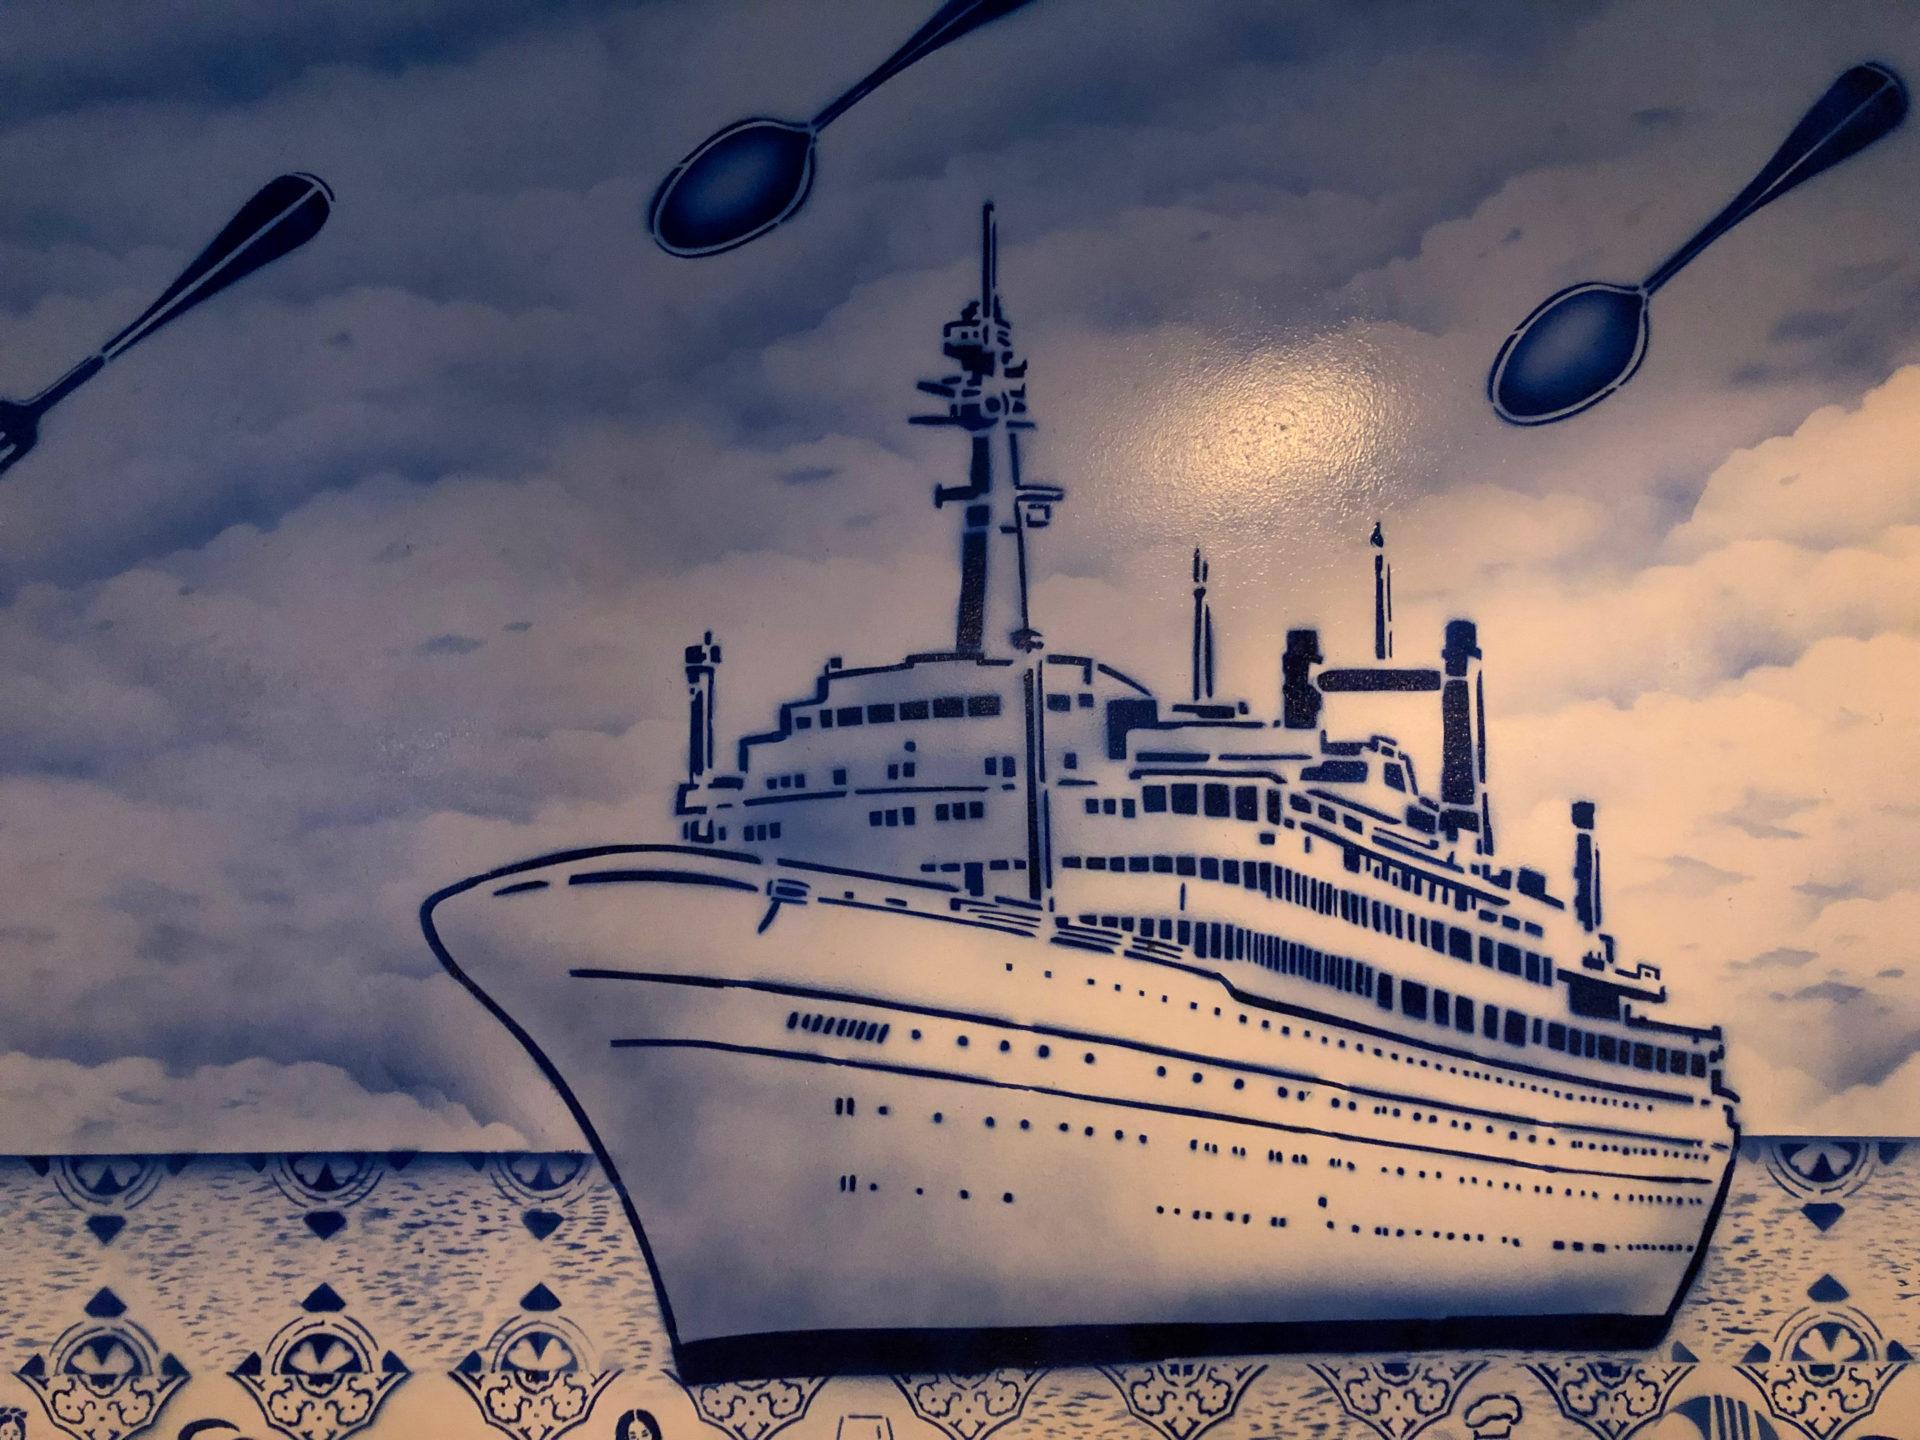 Gemälde von SS Rotterdam im Stile des Delfter Blau im Restaurant De Matroos en het Meisje